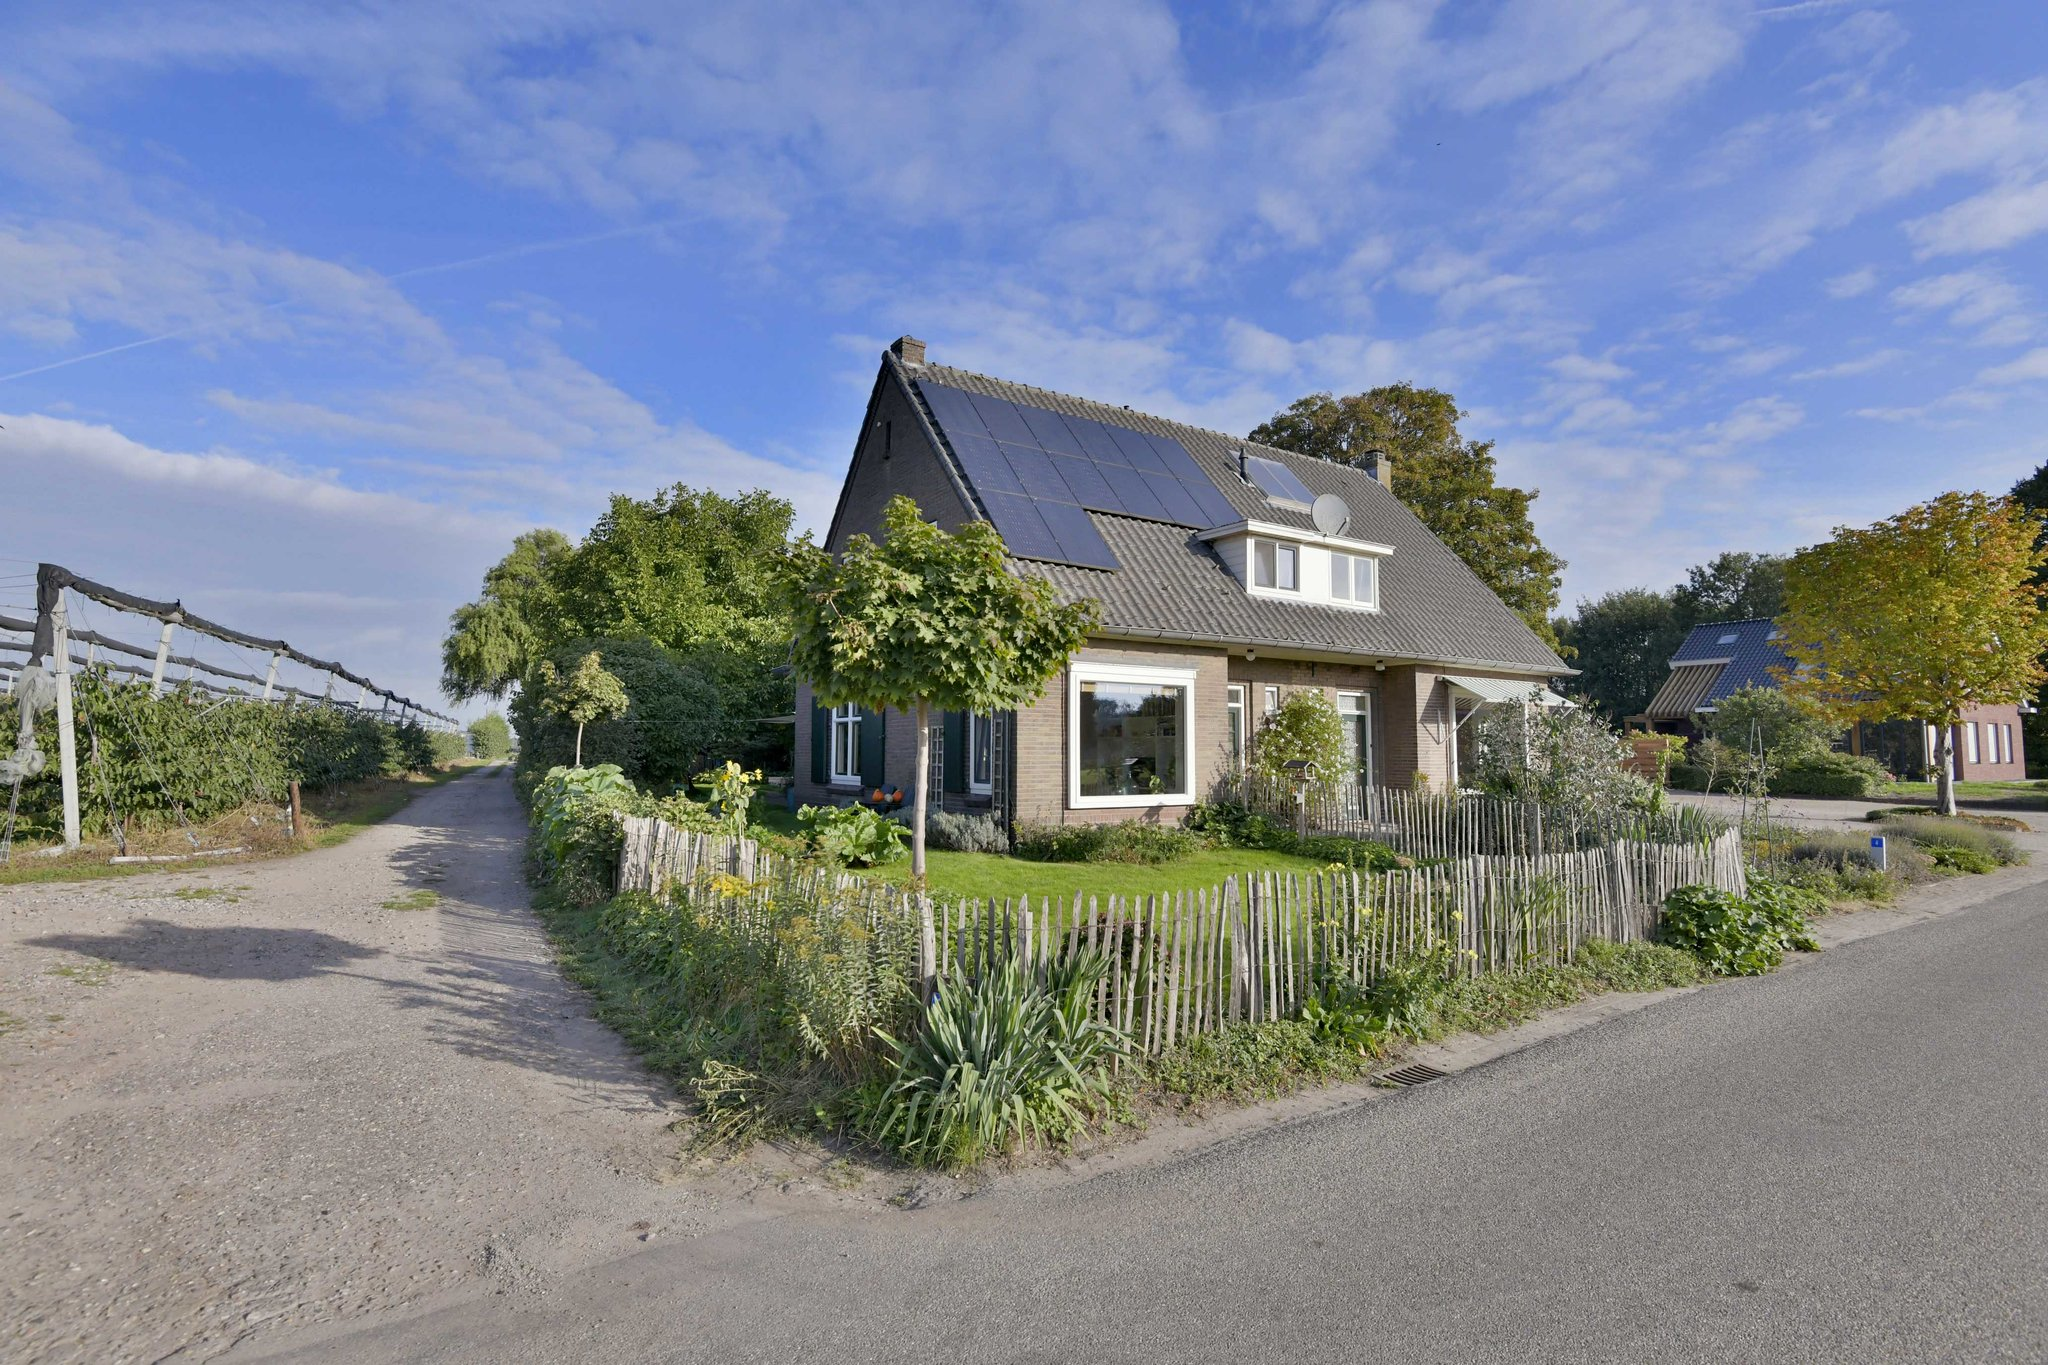 gorssel-gorsselse-enkweg-4154865-foto-6.jpg